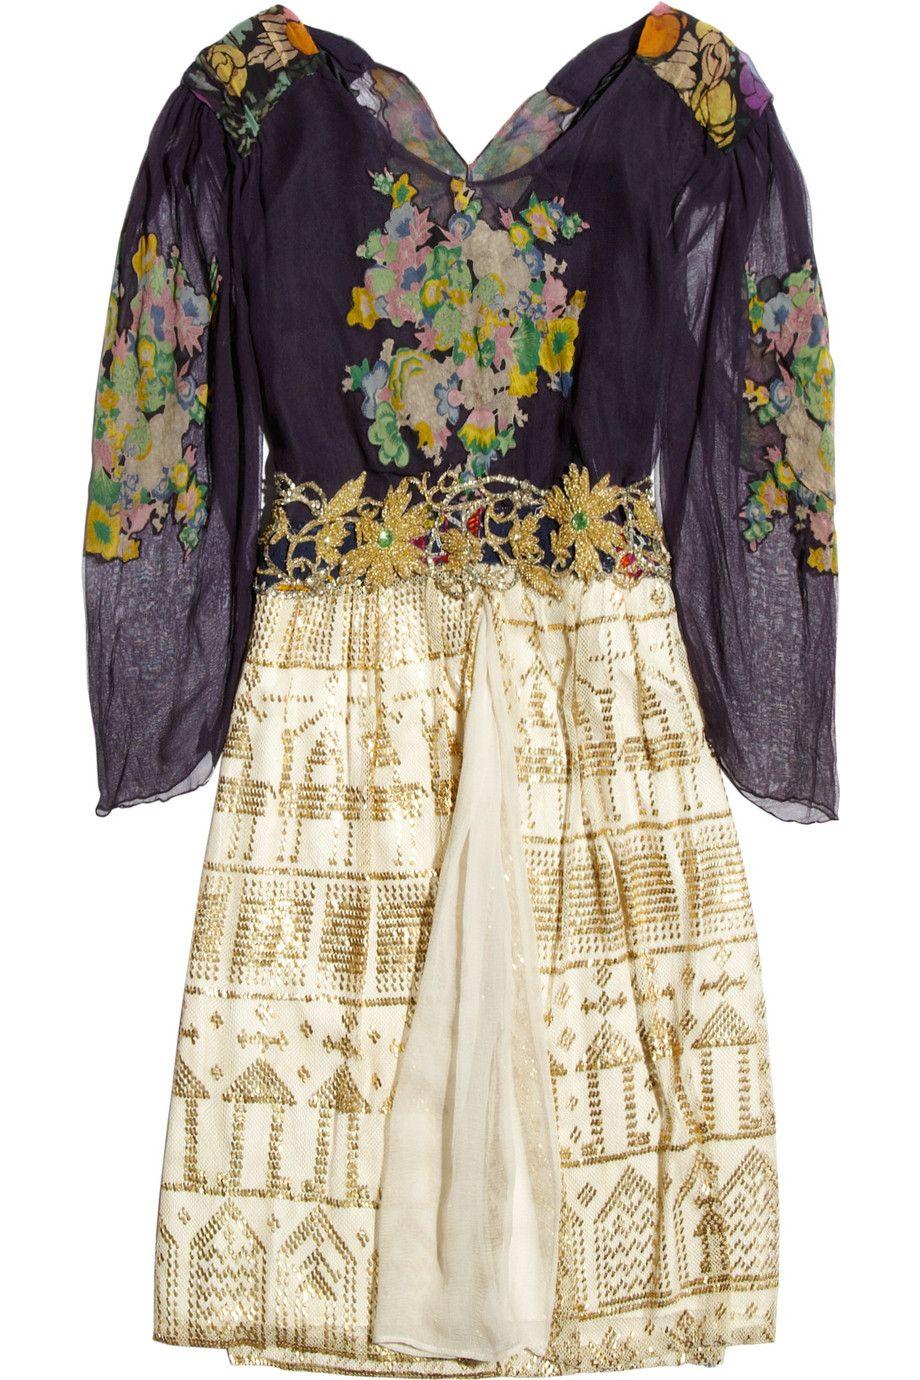 One Vintage Clothes Clothes Design Fashion